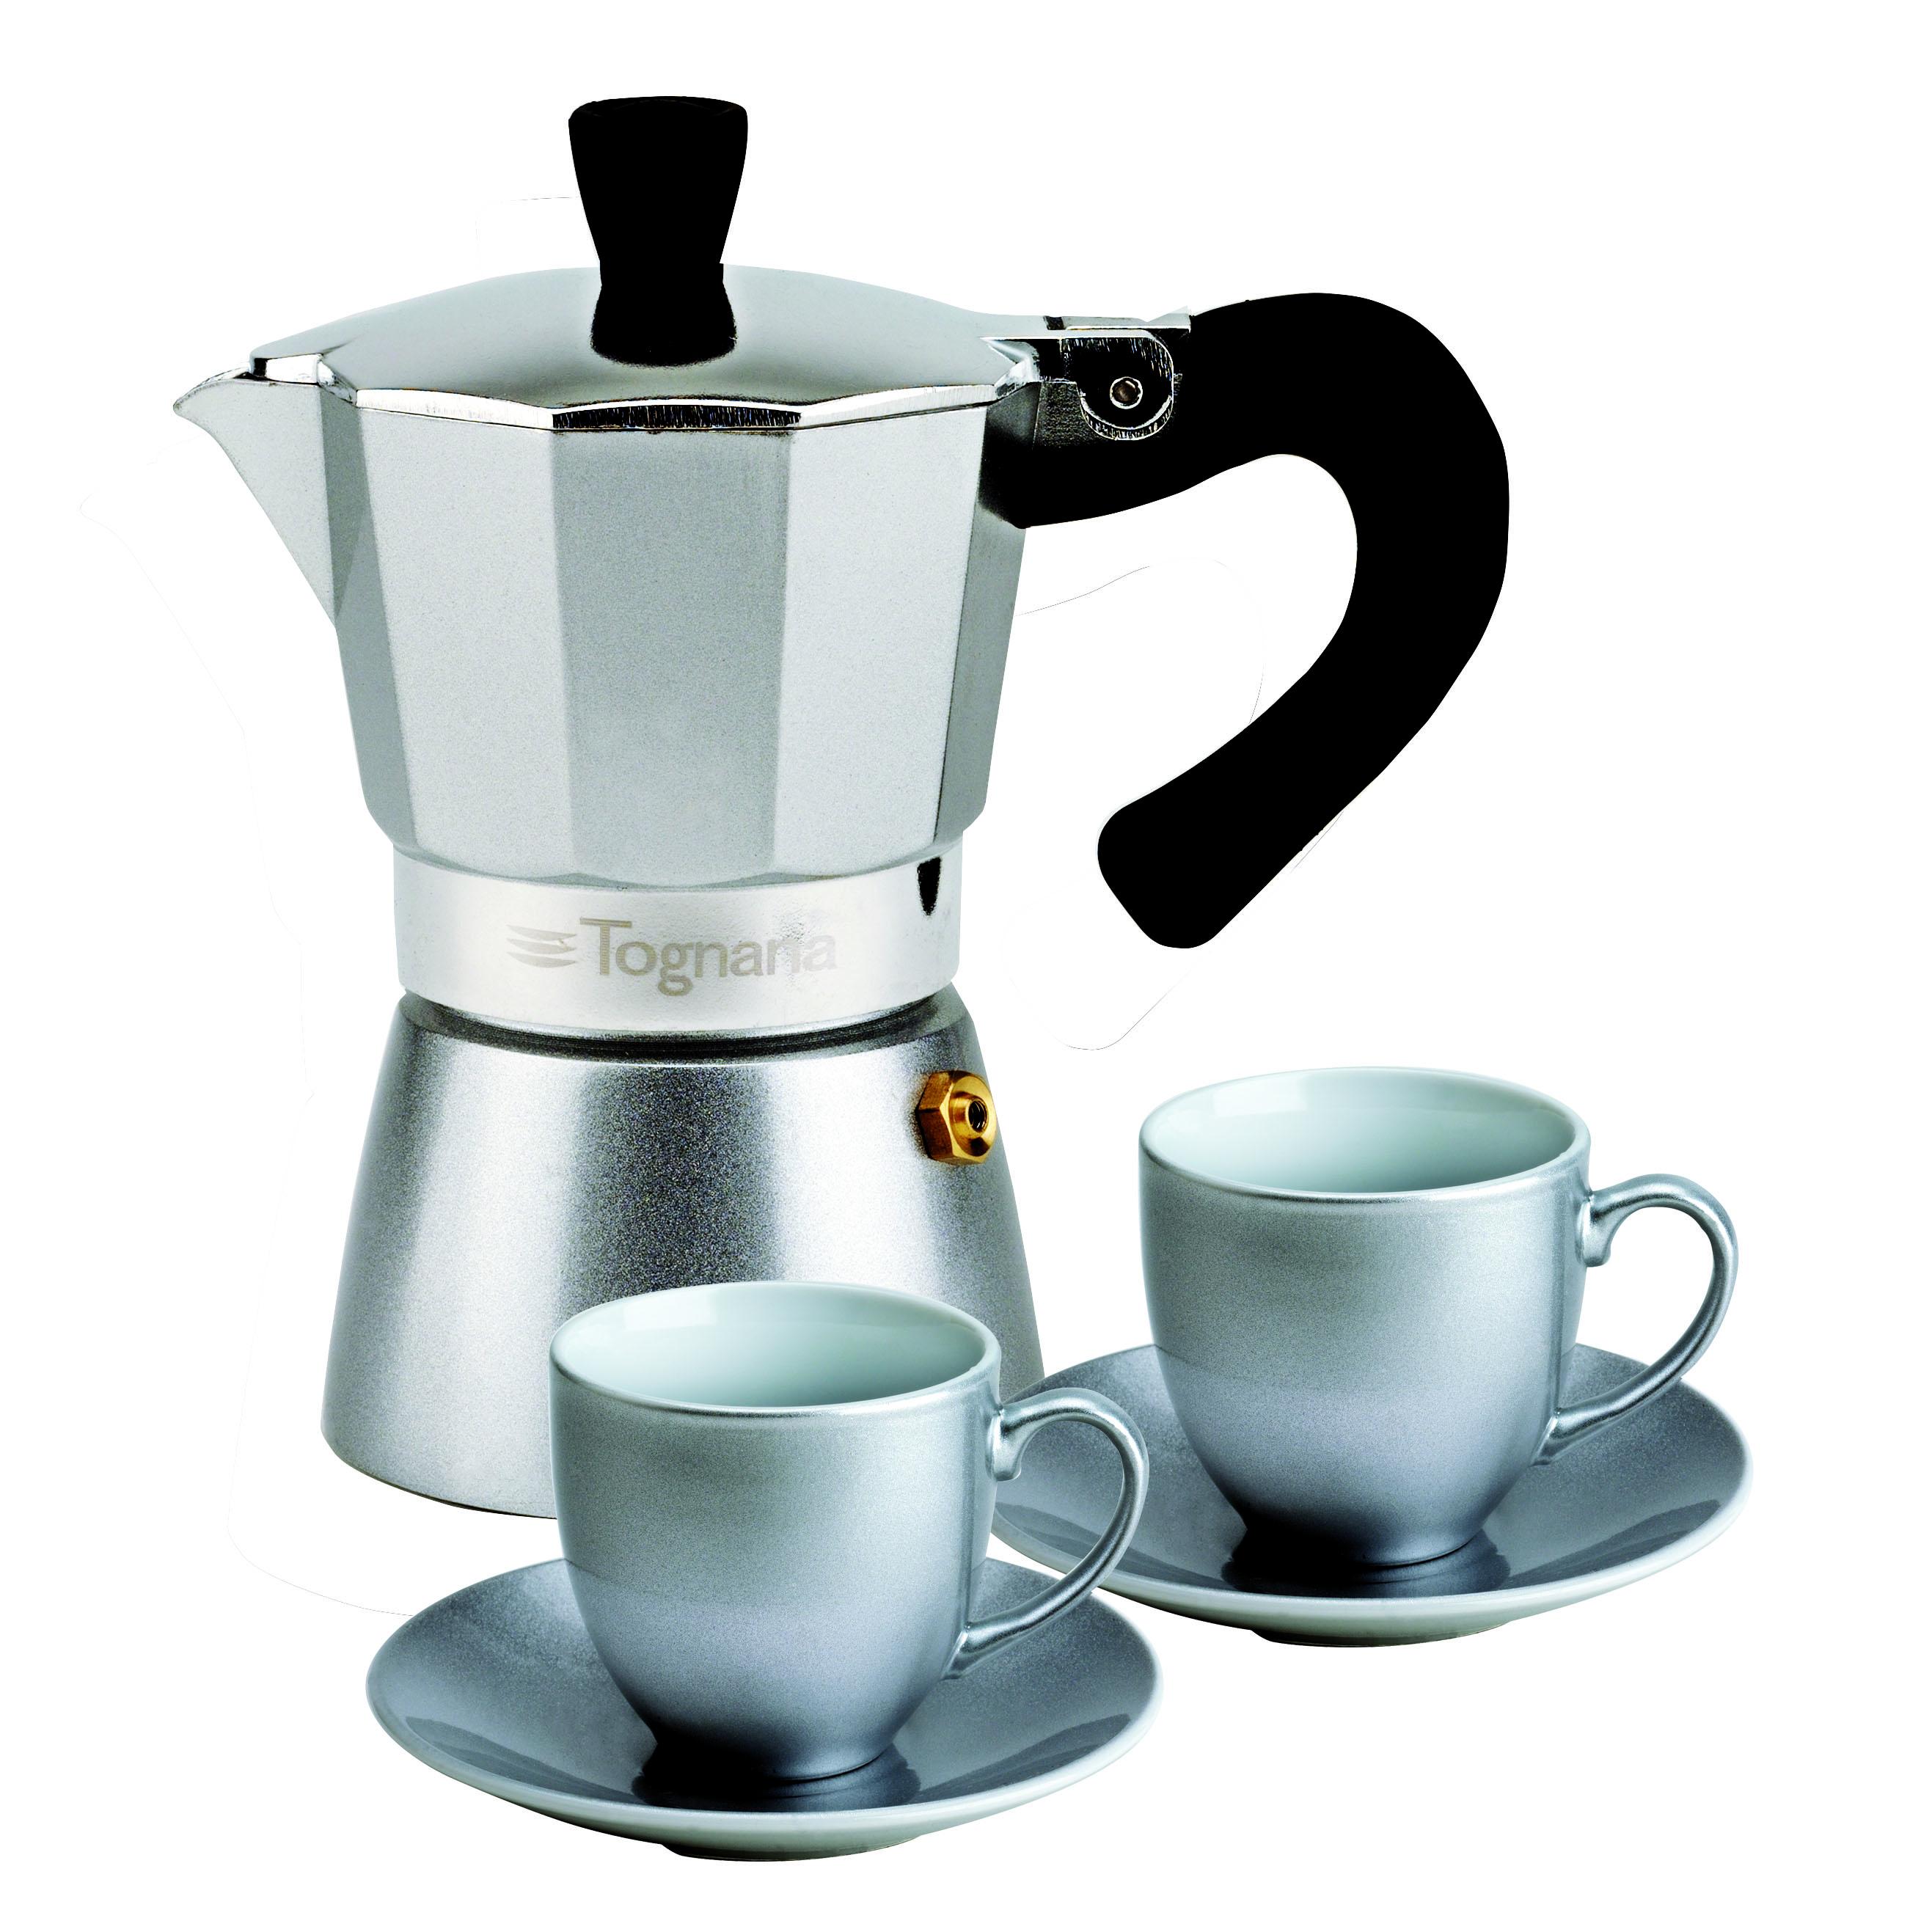 Набор для кофе 3 предмета GRANCUCINA (кофеварка гейзерная на 2 чашки+ 2 чашки с блюдцами) сереброНабор для кофе GRANCUCINA выполнен в технологичном стиле и органично дополнит интерьер кухни. Ценители вкусного кофе смогут легко сварить любимый напиток в гейзерной кофеварке, объем которой рассчитан точно на две чашки.Качество в стиле хай-текКачественные материалы, из которых изготовлены предметы набора, способны долгое время сохранять свой внешний вид и функциональность. Цвет кофеварки и чашек подобран так, чтобы предметы удачно смотрелись в любой обстановке. Купить набор для кофе Гранкучина Тоньяна по доступной цене легко, оформив заказ на интернет-странице магазина Cookhouse. Приятным бонусом для вас станет бесплатная доставка в пределах Москвы и Санкт-Петербурга (сумма заказа от 4 тысяч рублей) и в другие регионы РФ (товары на сумму от 7 тысяч рублей).<br>